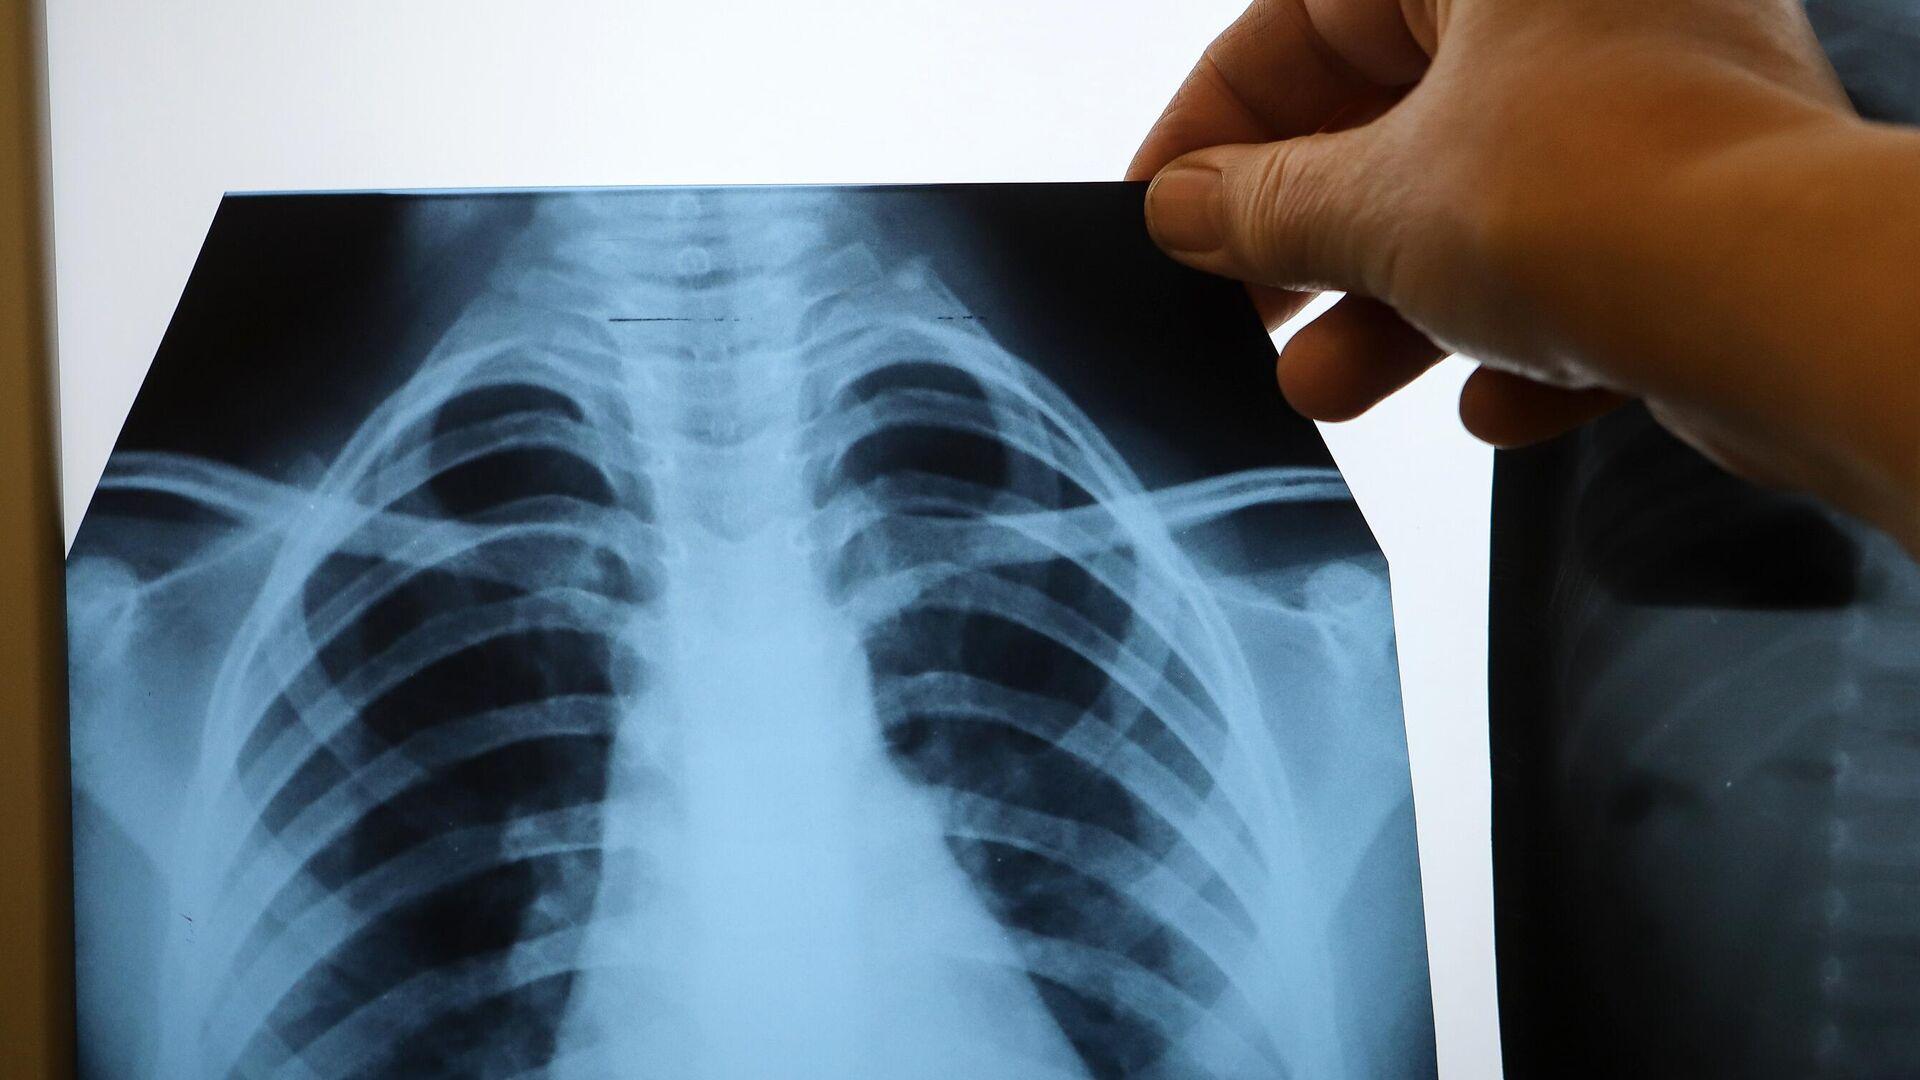 Врач с рентгеном легких в инфекционном корпусе - РИА Новости, 1920, 09.12.2020